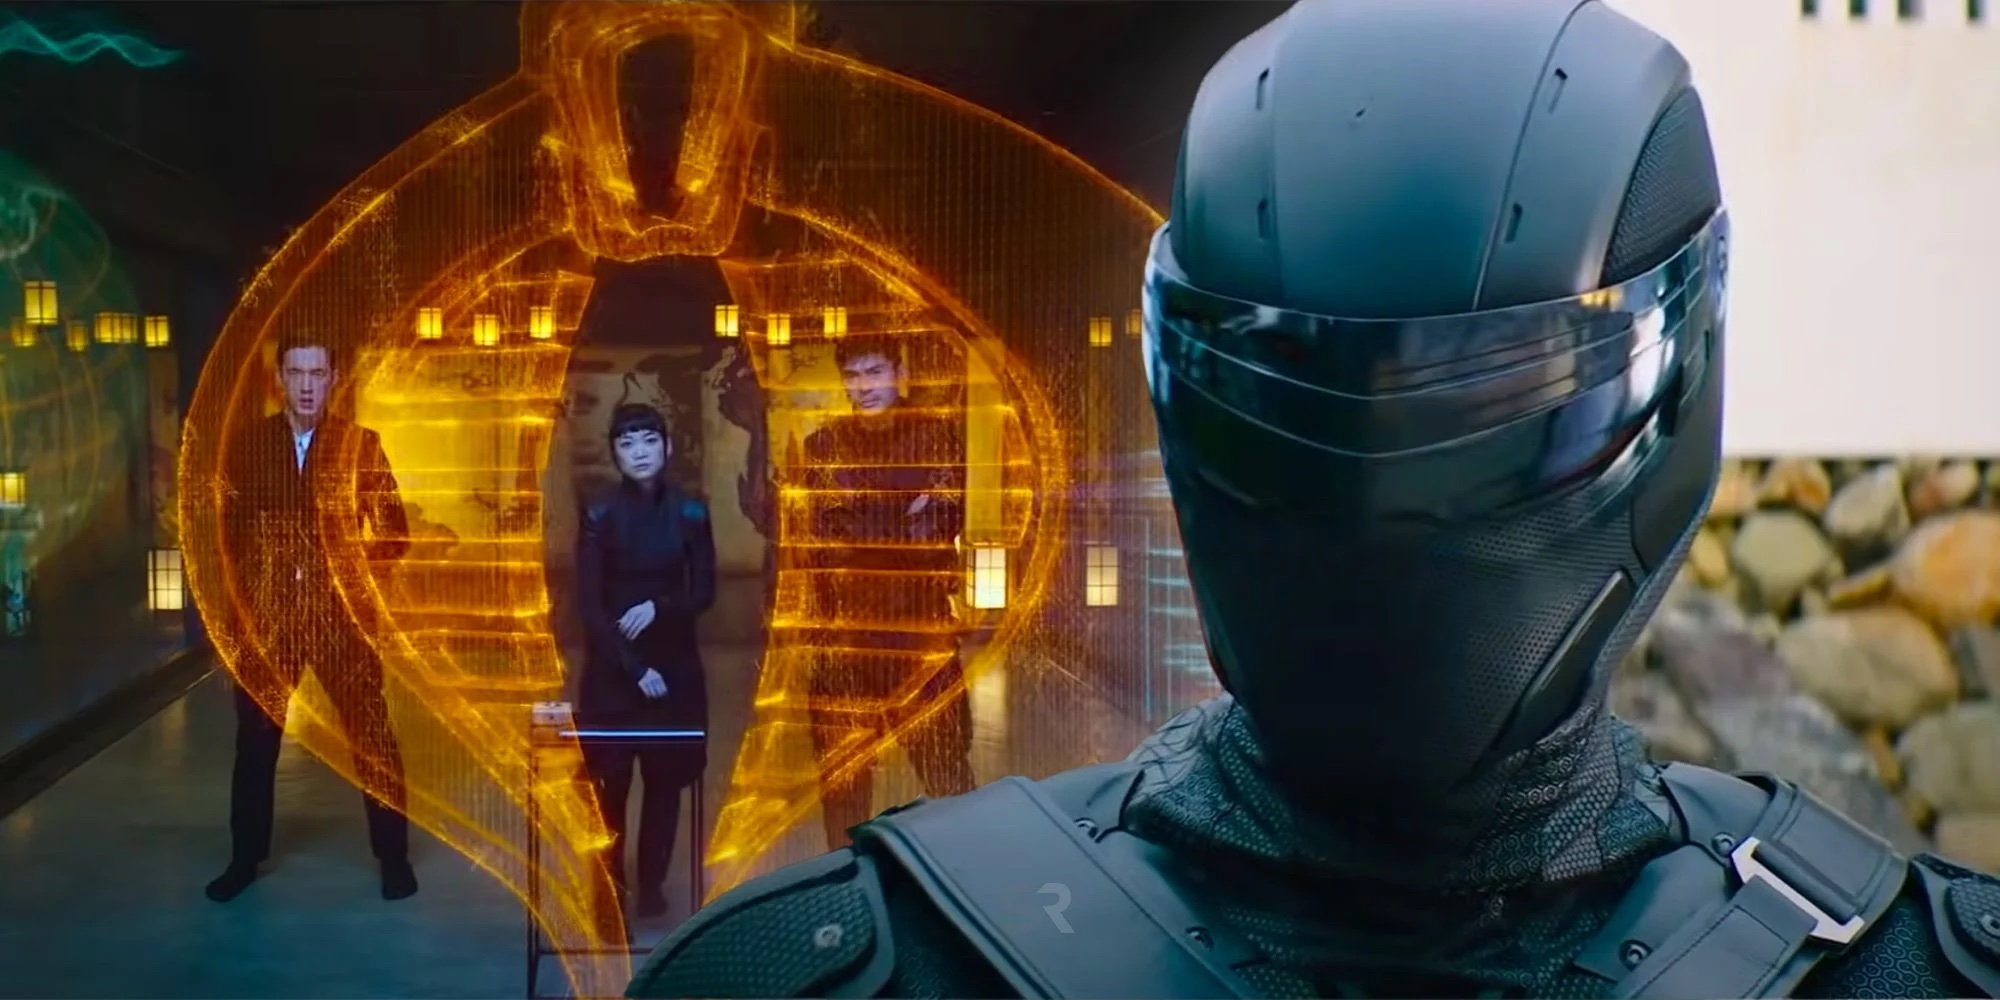 O silencioso, mas letal, guerreiro Snake Eyes está fazendo sua própria sequência do filme (Foto: Divulgação)